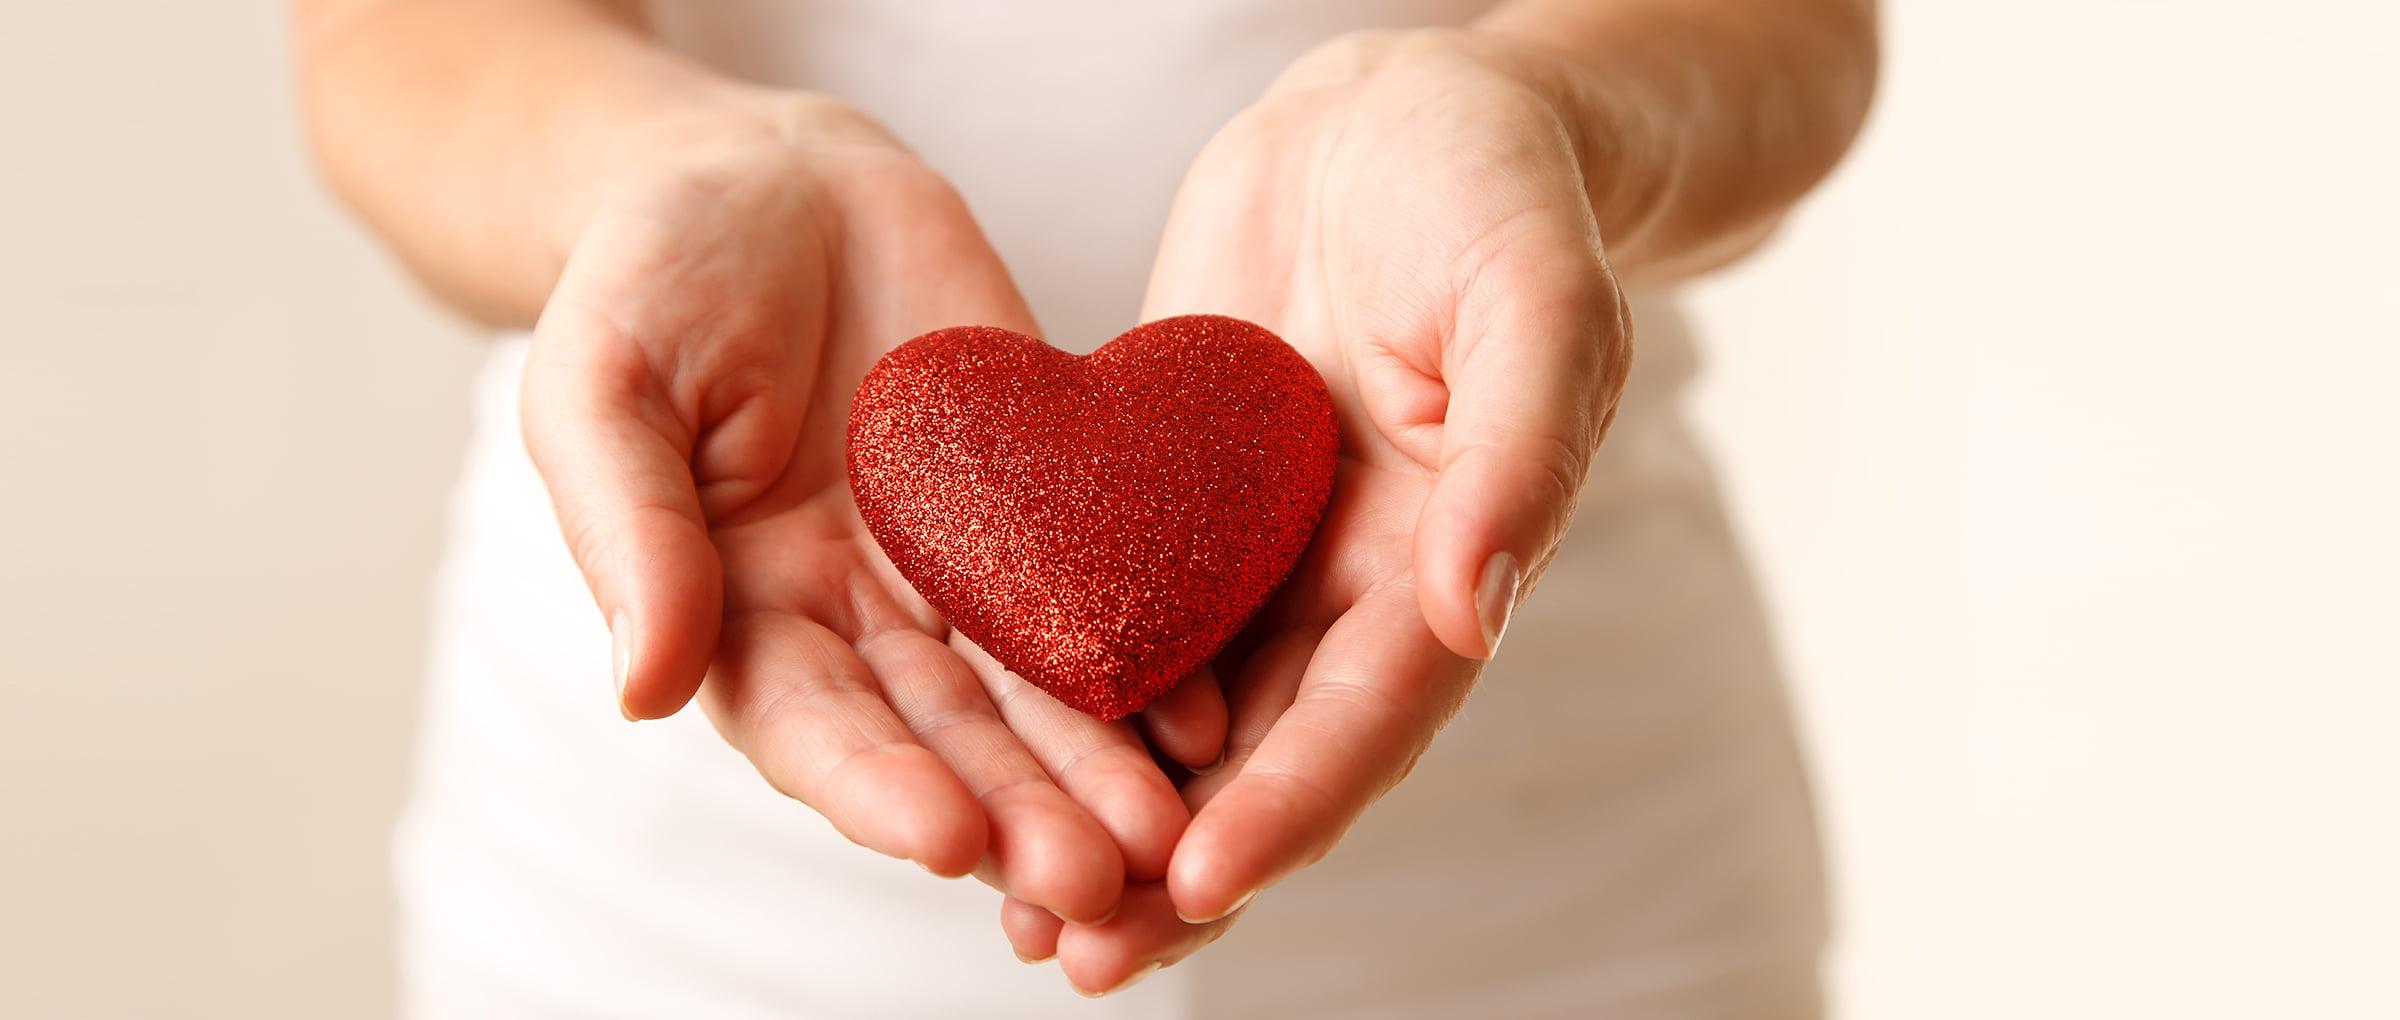 Donación de óvulos voluntaria, anónima y altruista